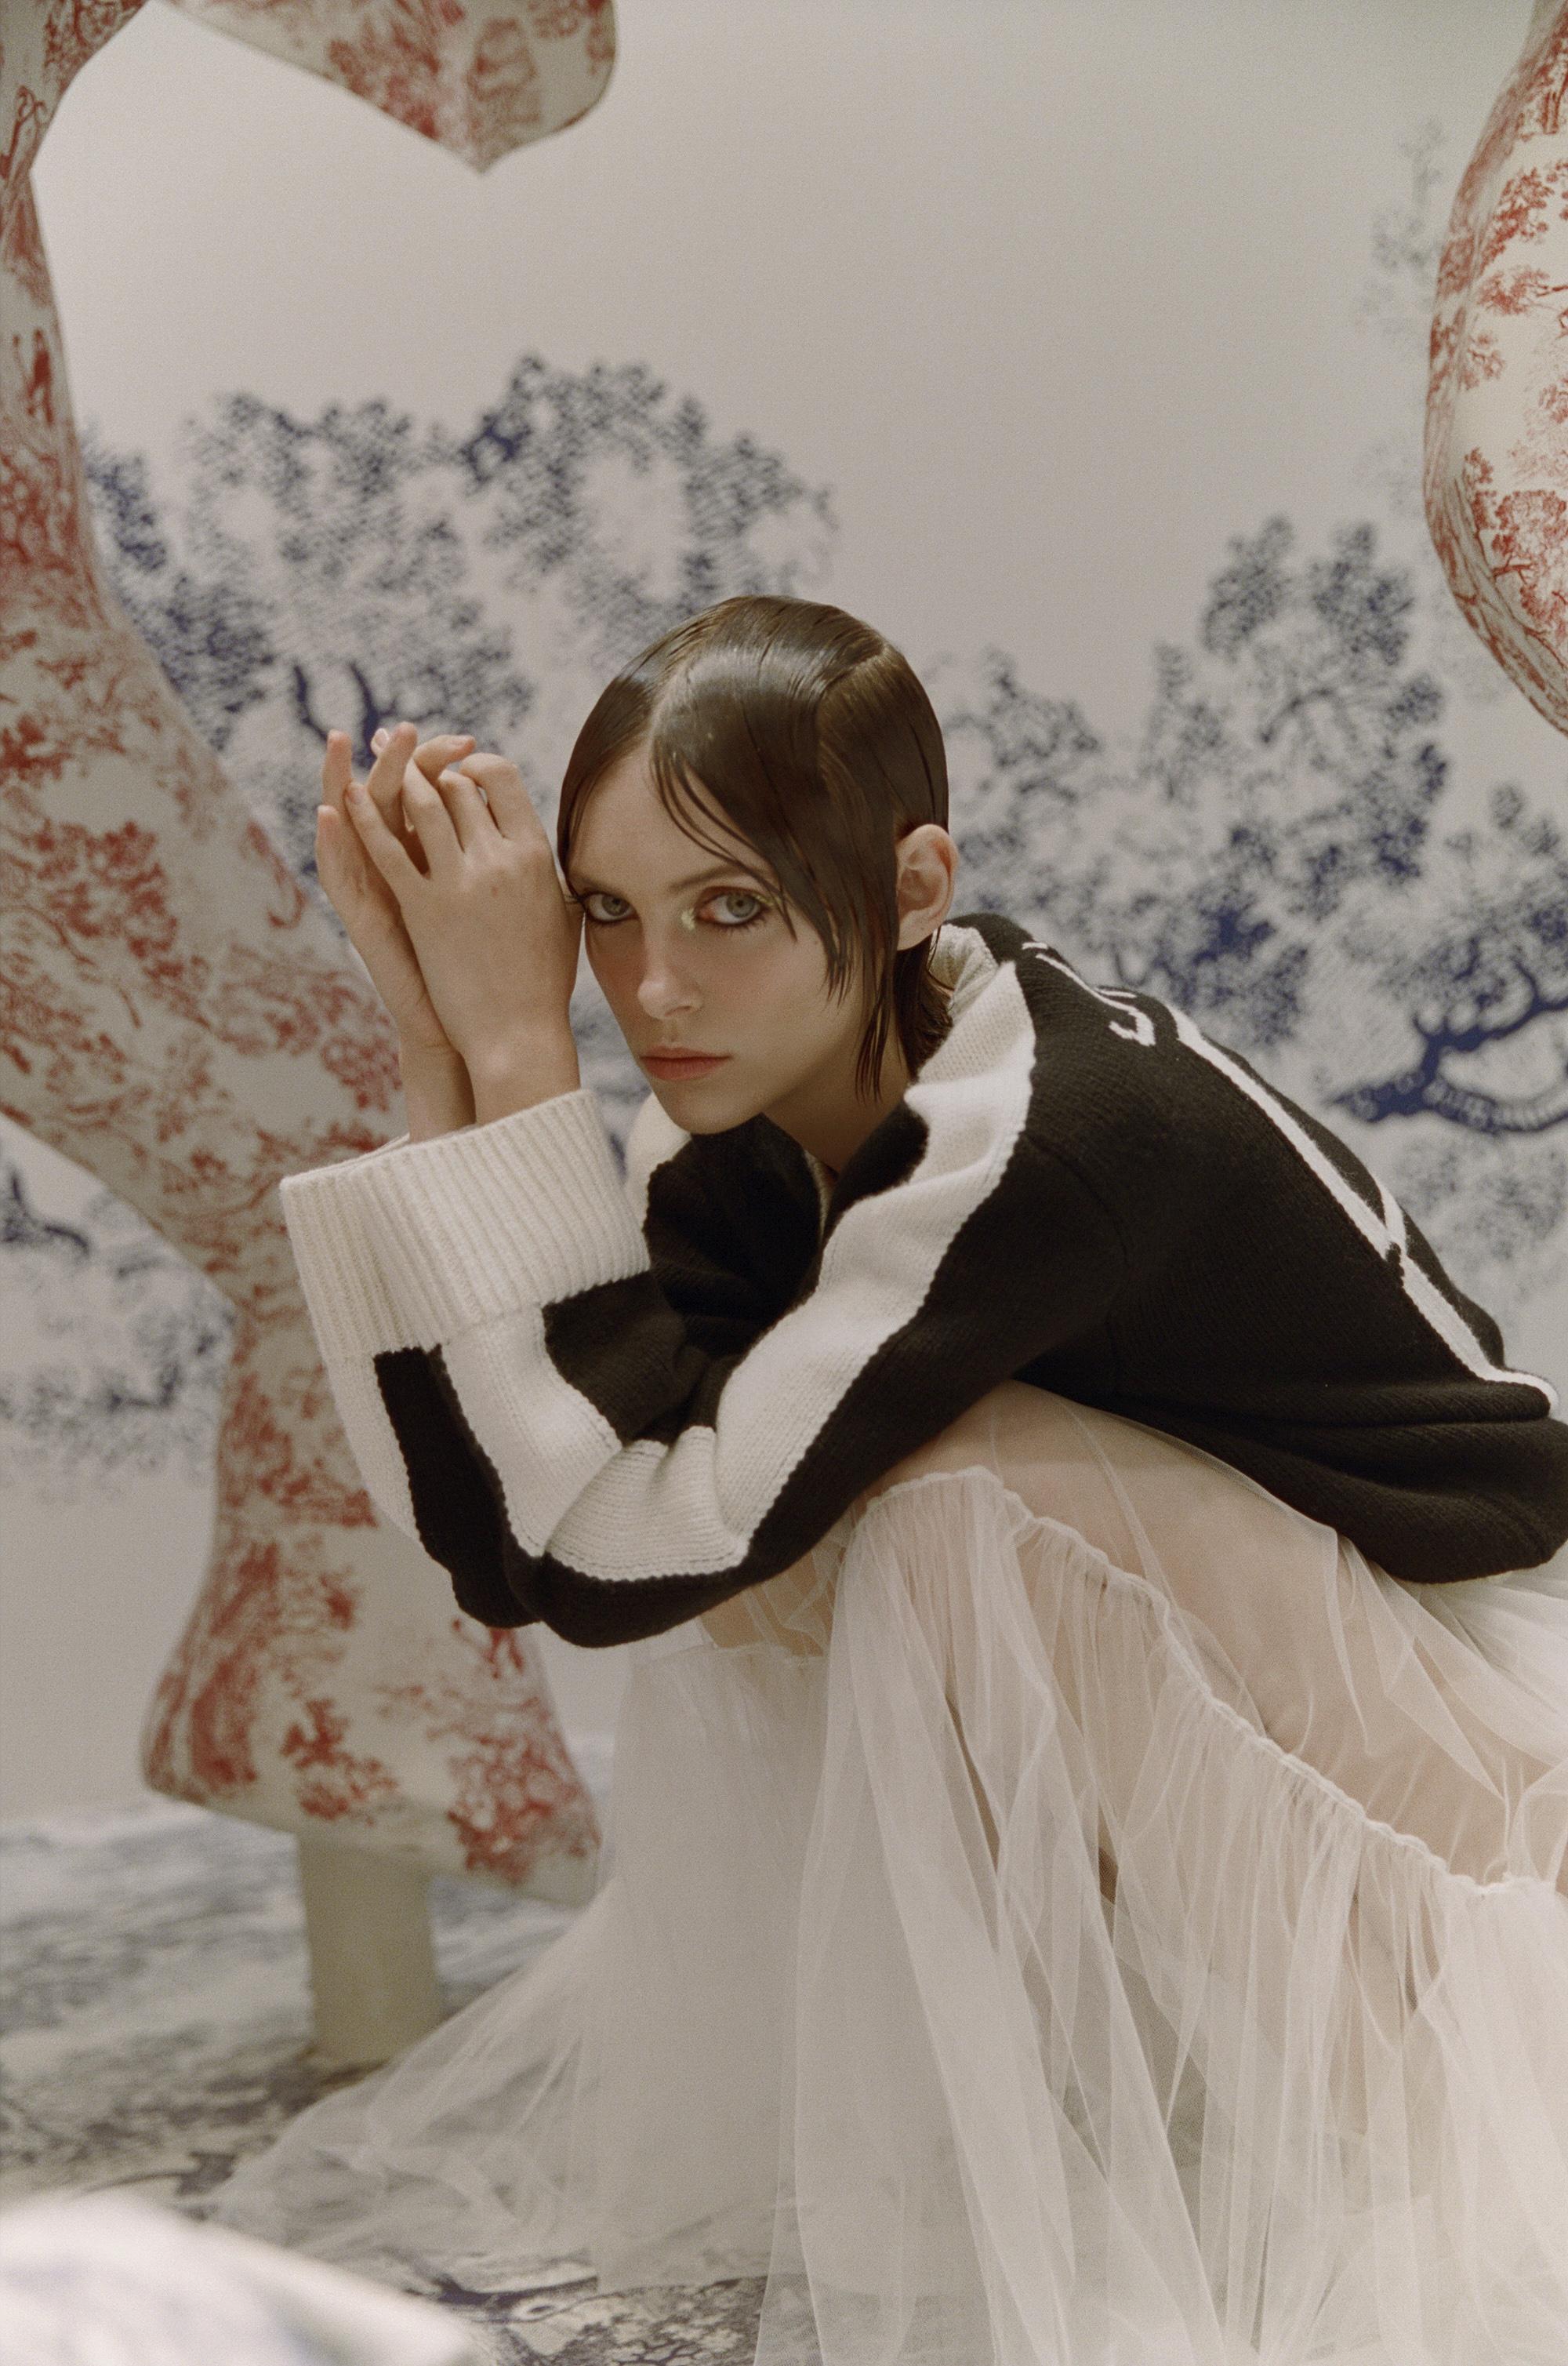 DAPHNENGUYEN-Dior x Matilda final-181214000246130021.jpg